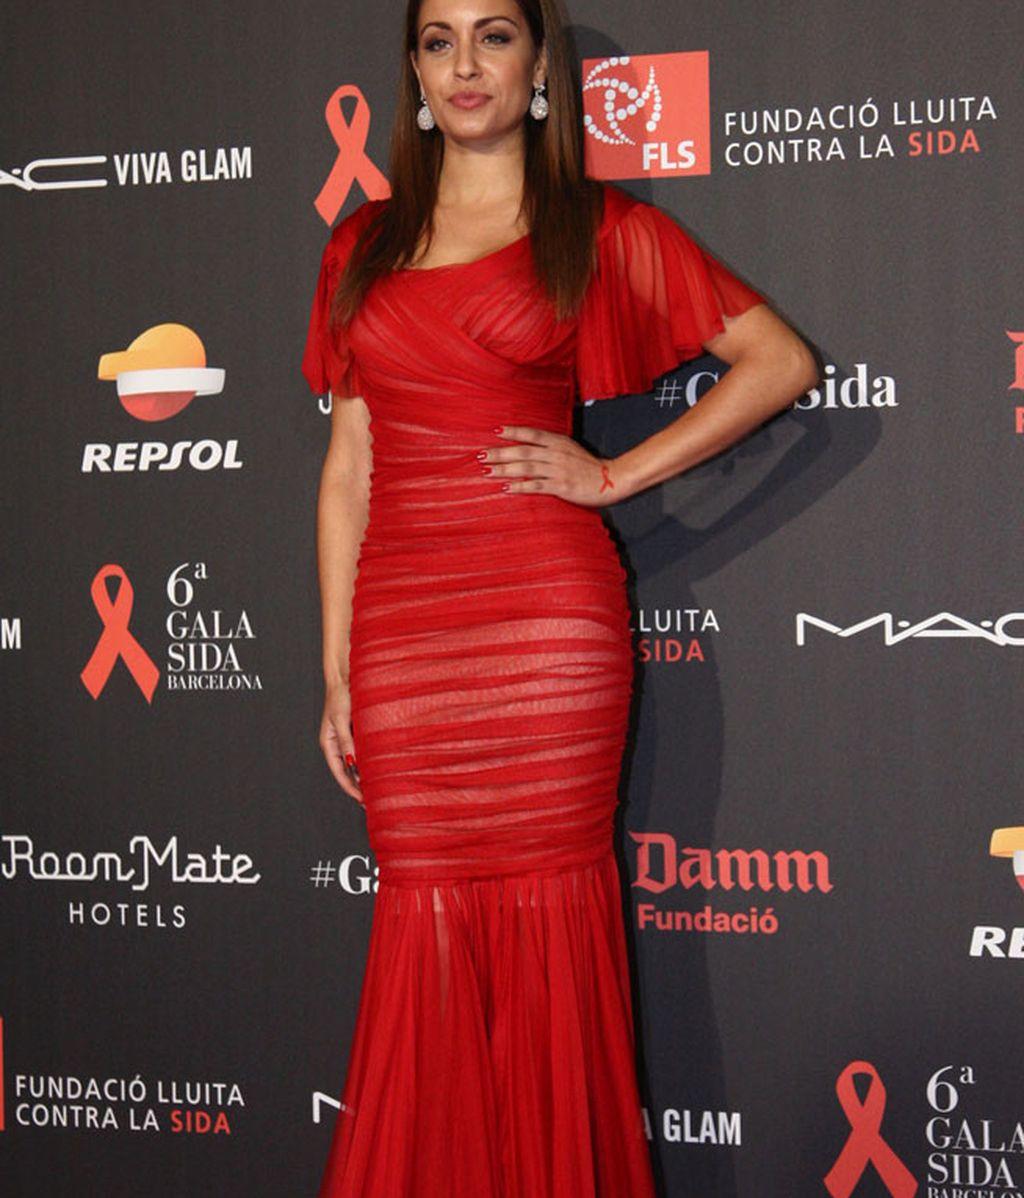 La actriz Hiba Abouk lució vestido rojo, el color de la lucha contra el SIDA